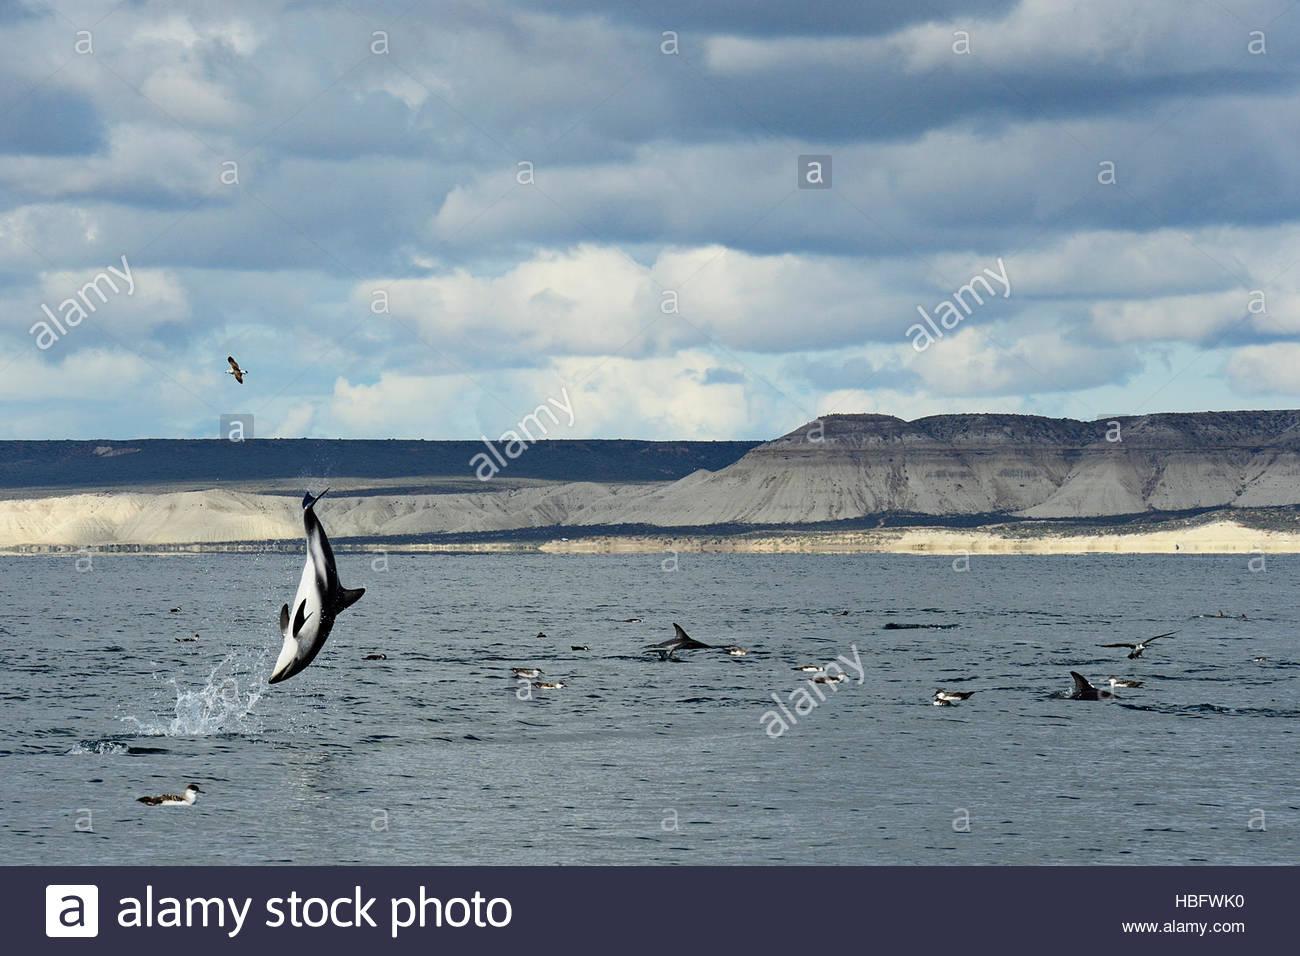 Un Delfino dusky catapulta attraverso l'aria al largo della costa della Patagonia potrebbe inviare un segnale Immagini Stock